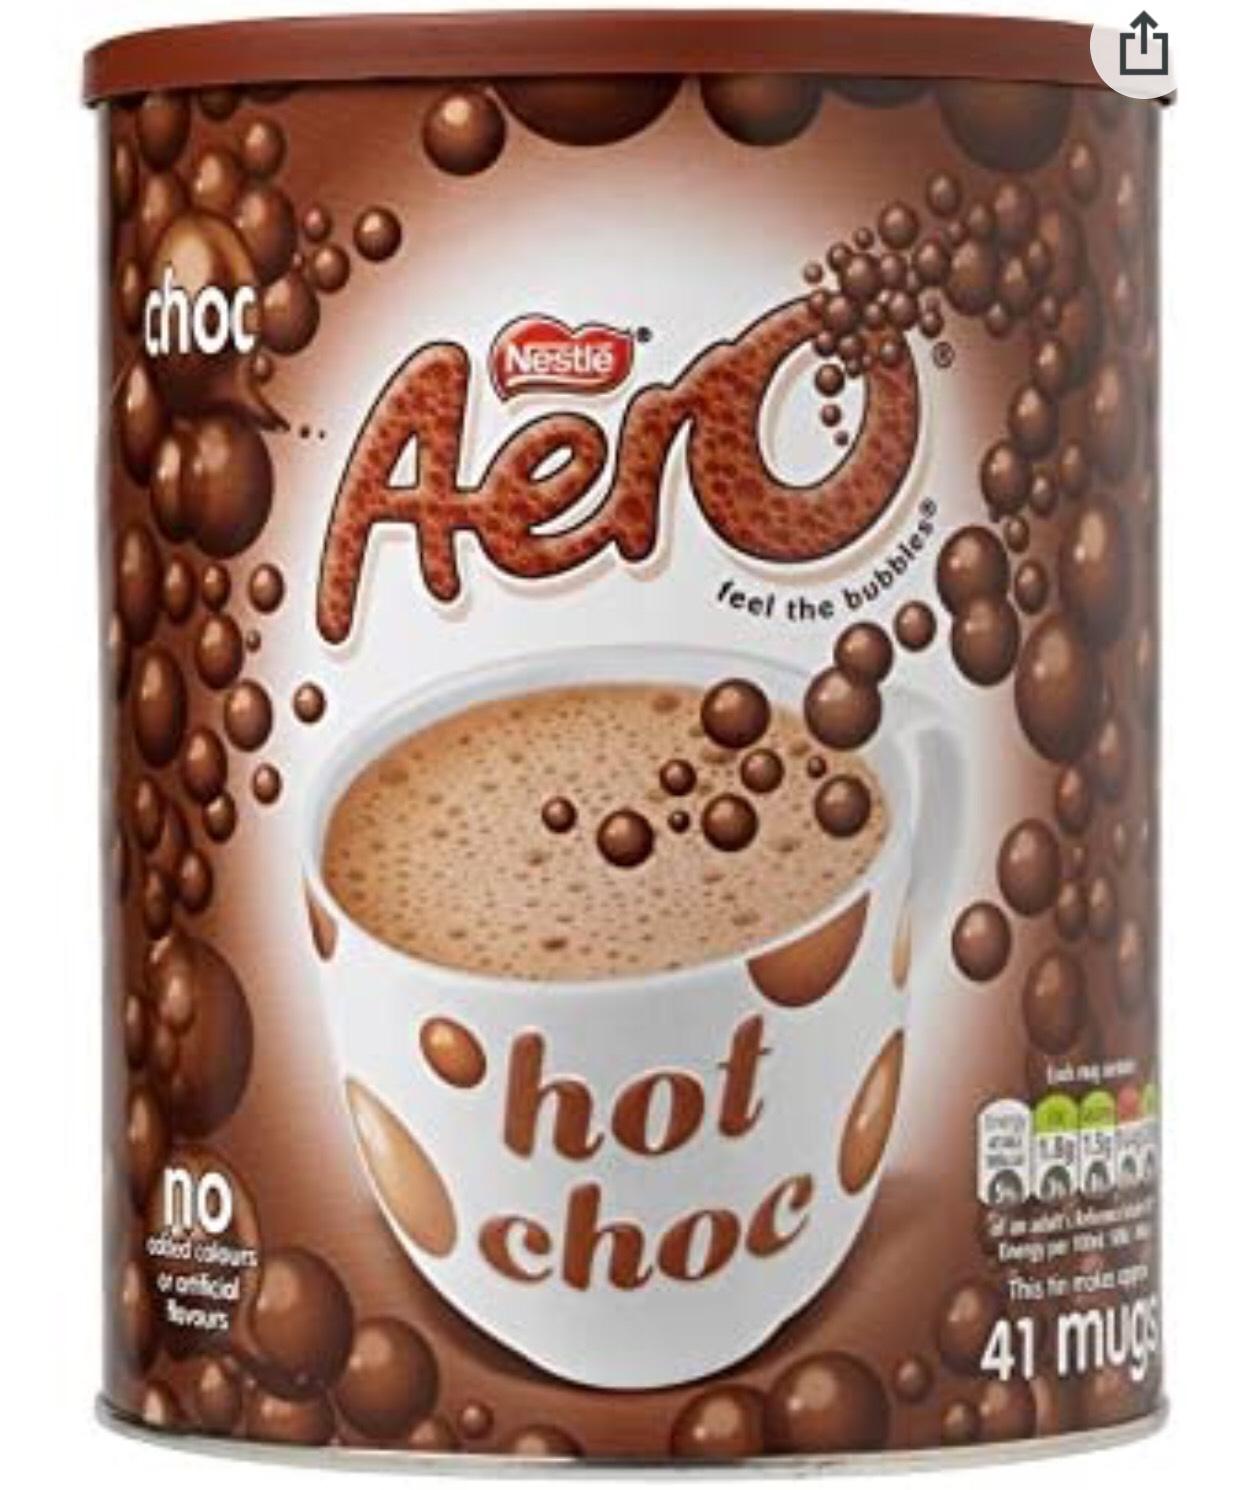 Nestlé Aero Hot Choc 1Kg £6.99 Amazon Prime / £11.48 Non Prime @ Amazon